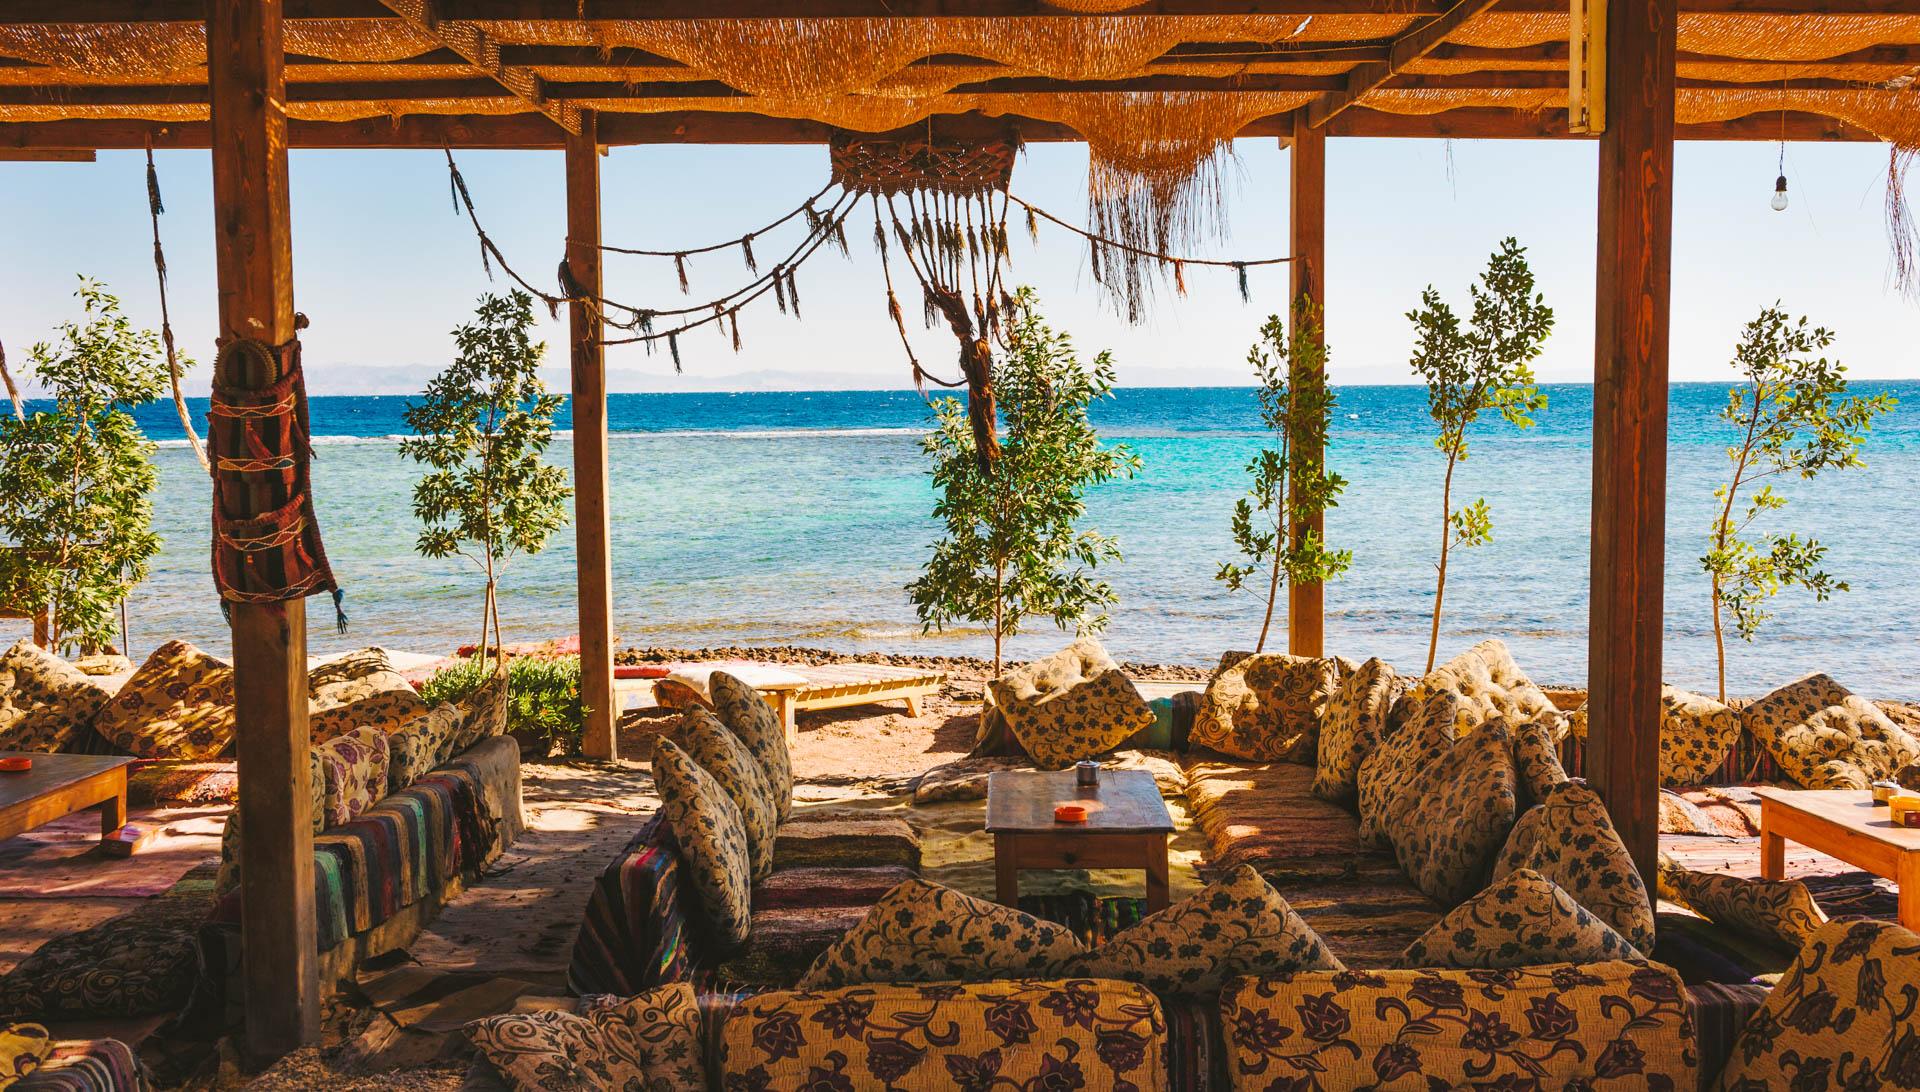 Sharm El Sheikh Urlaub Tipps Und Angebote Adac Reisen